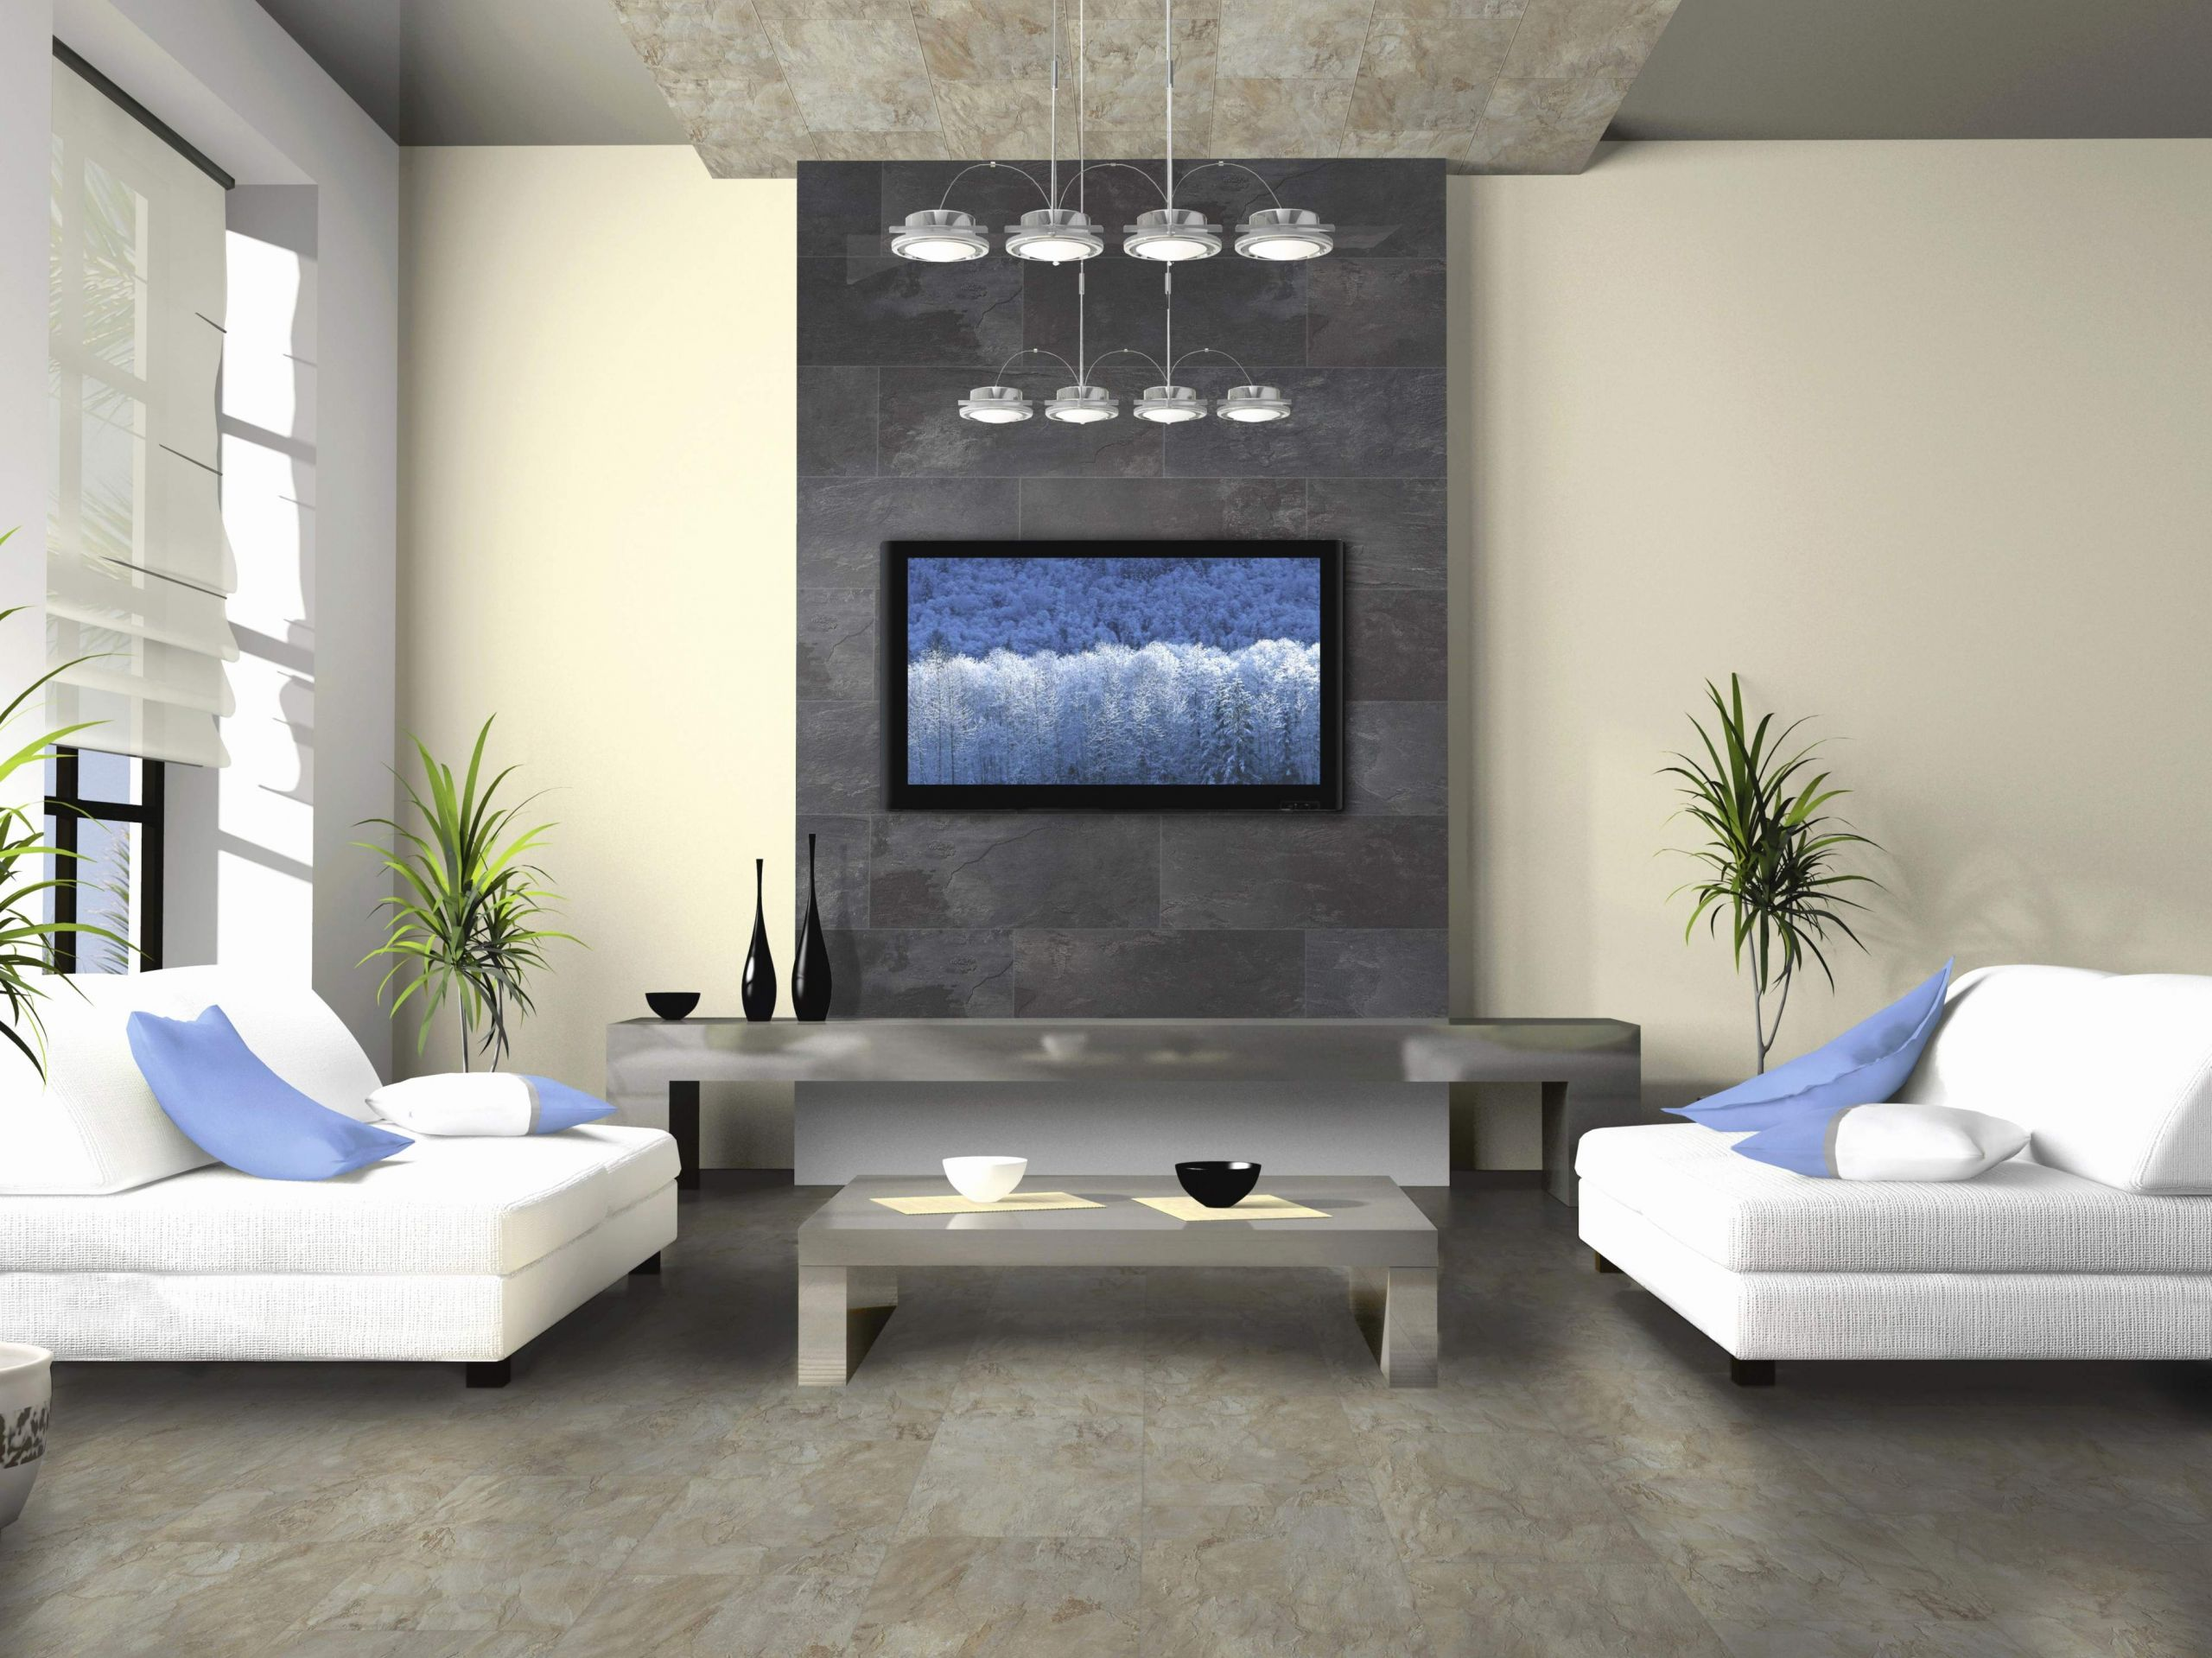 Pflanzen Ideen Neu Wohnzimmer Pflanze Das Beste Von Deko Ideen Wohnzimmerwand